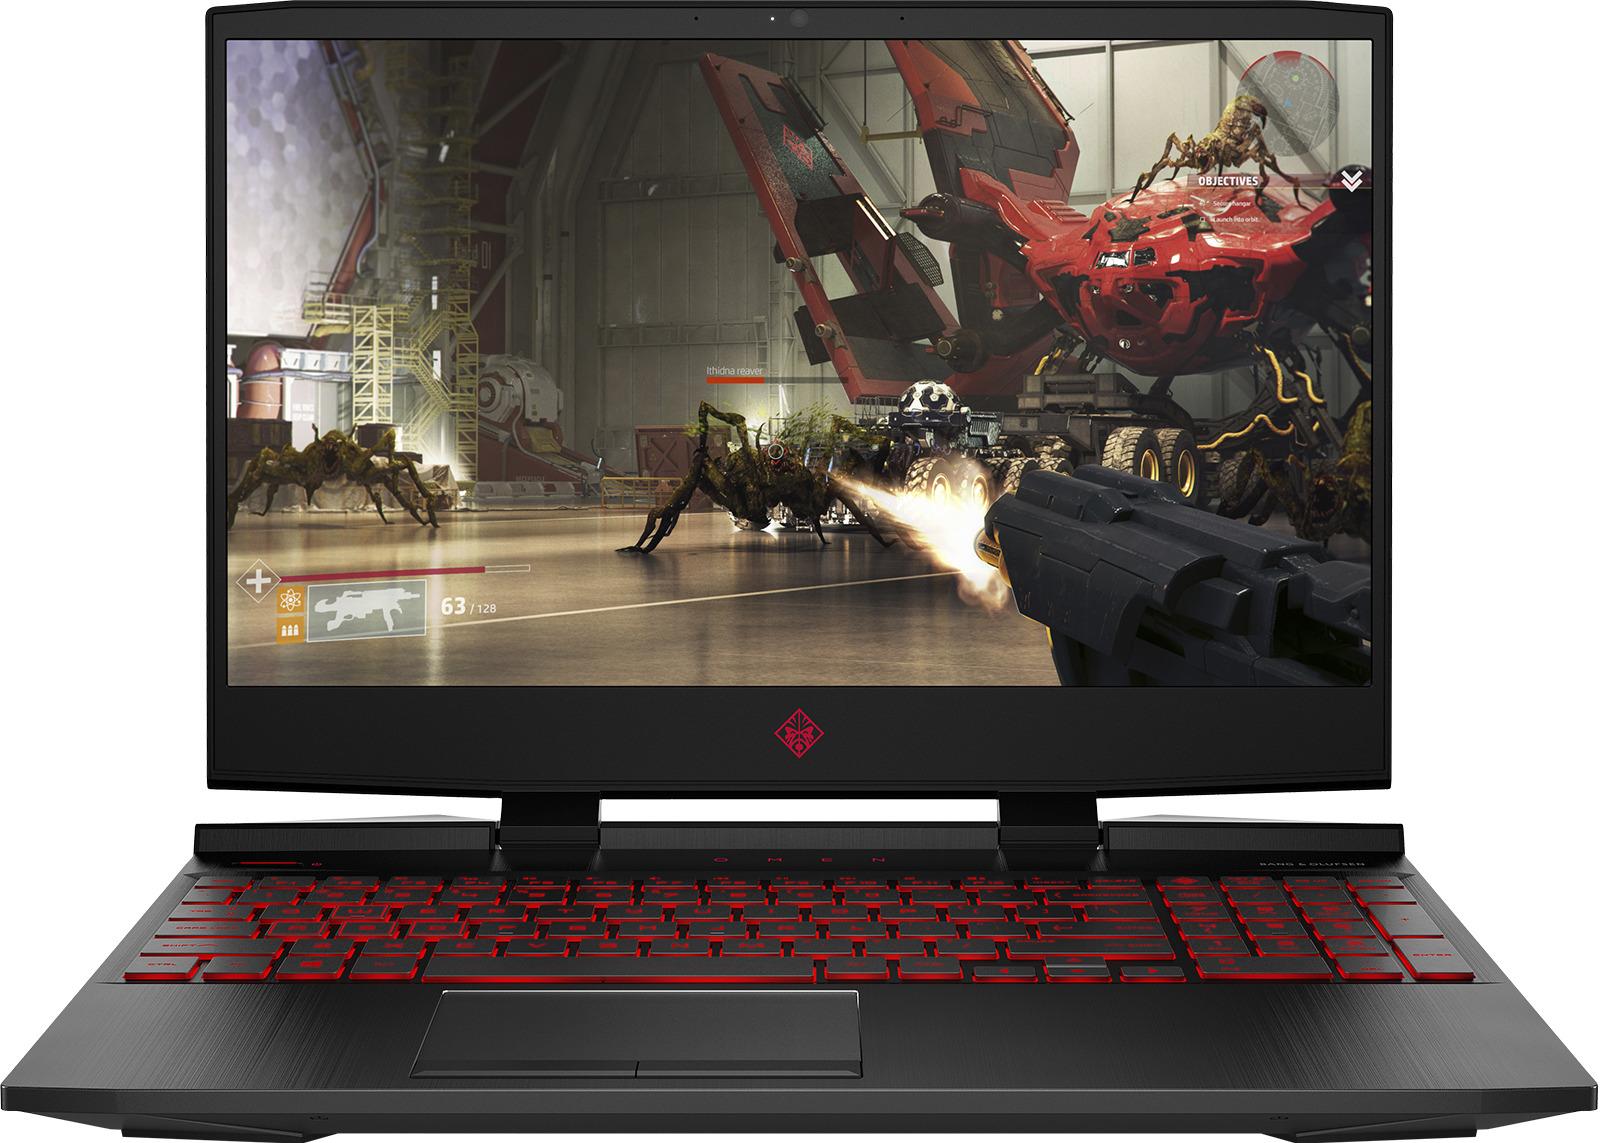 15.6 Игровой ноутбук HP Omen 15-dc0001ur 4GZ73EA, черный игровой ноутбук hp omen 15 dc0001ur 4gz73ea 15 6 черный